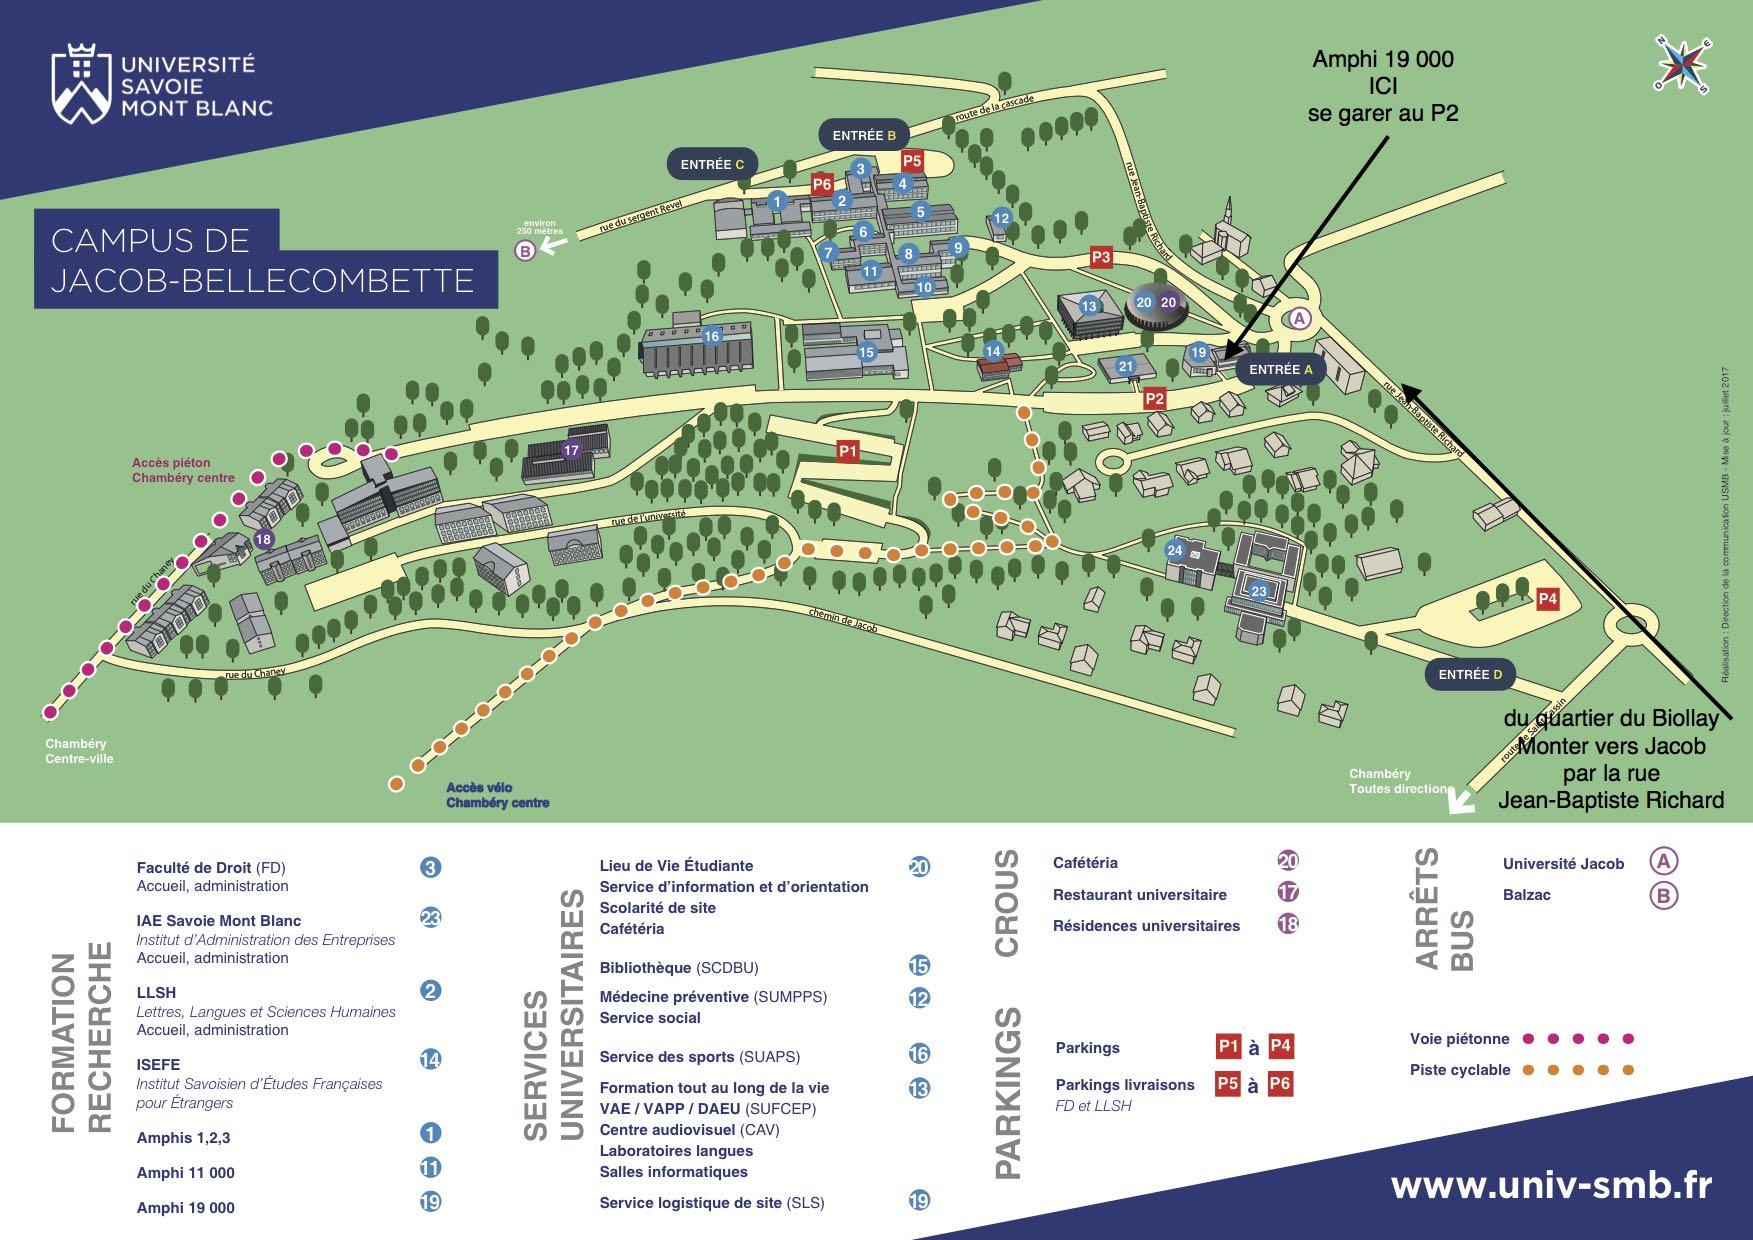 Plan amphi 19 000